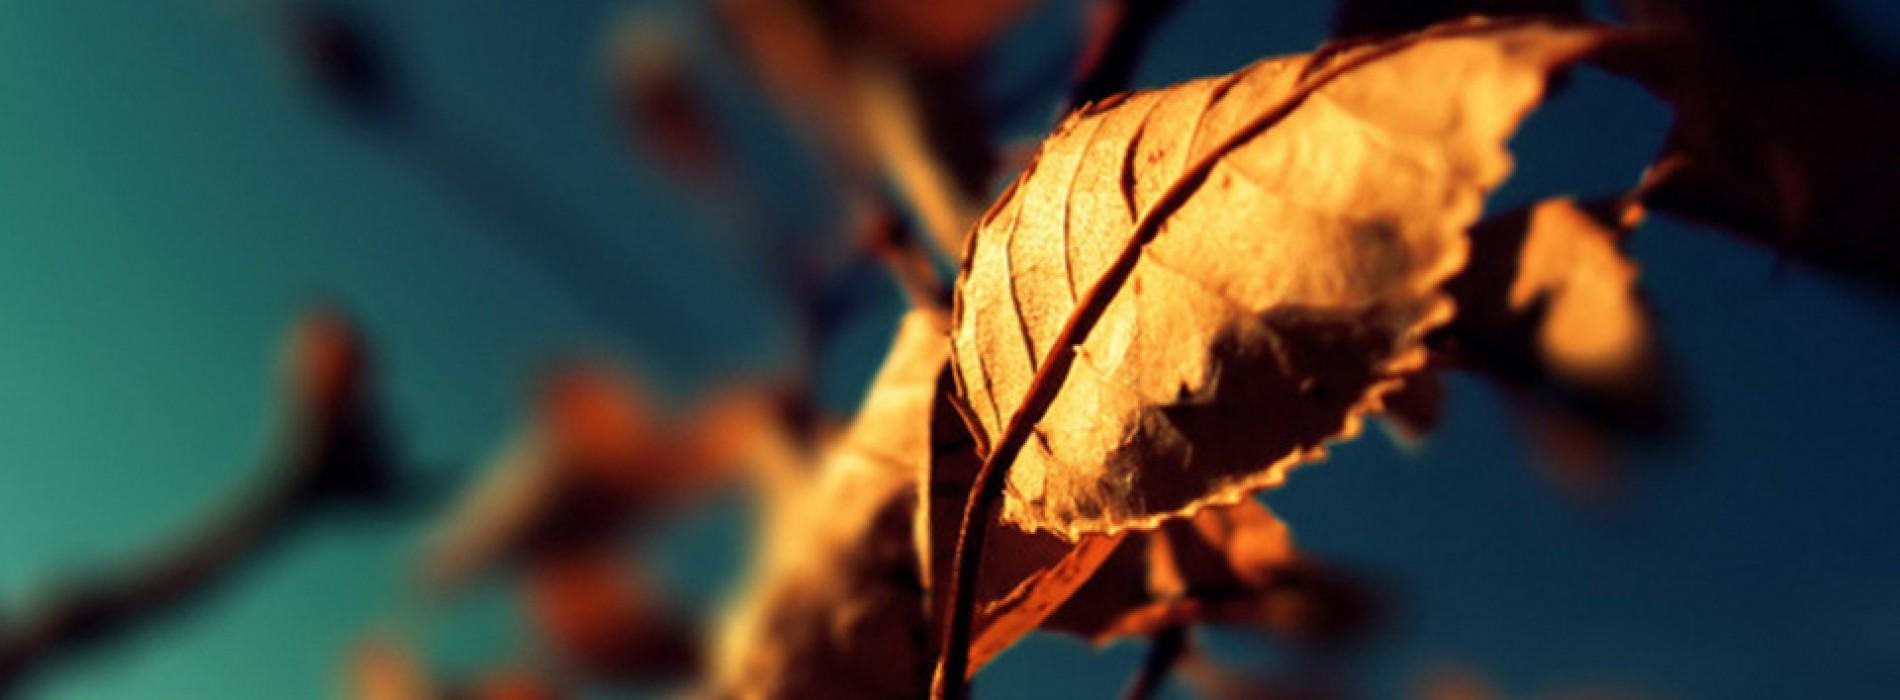 20 صورة | nature wallpaper | خلفيات طبيعه